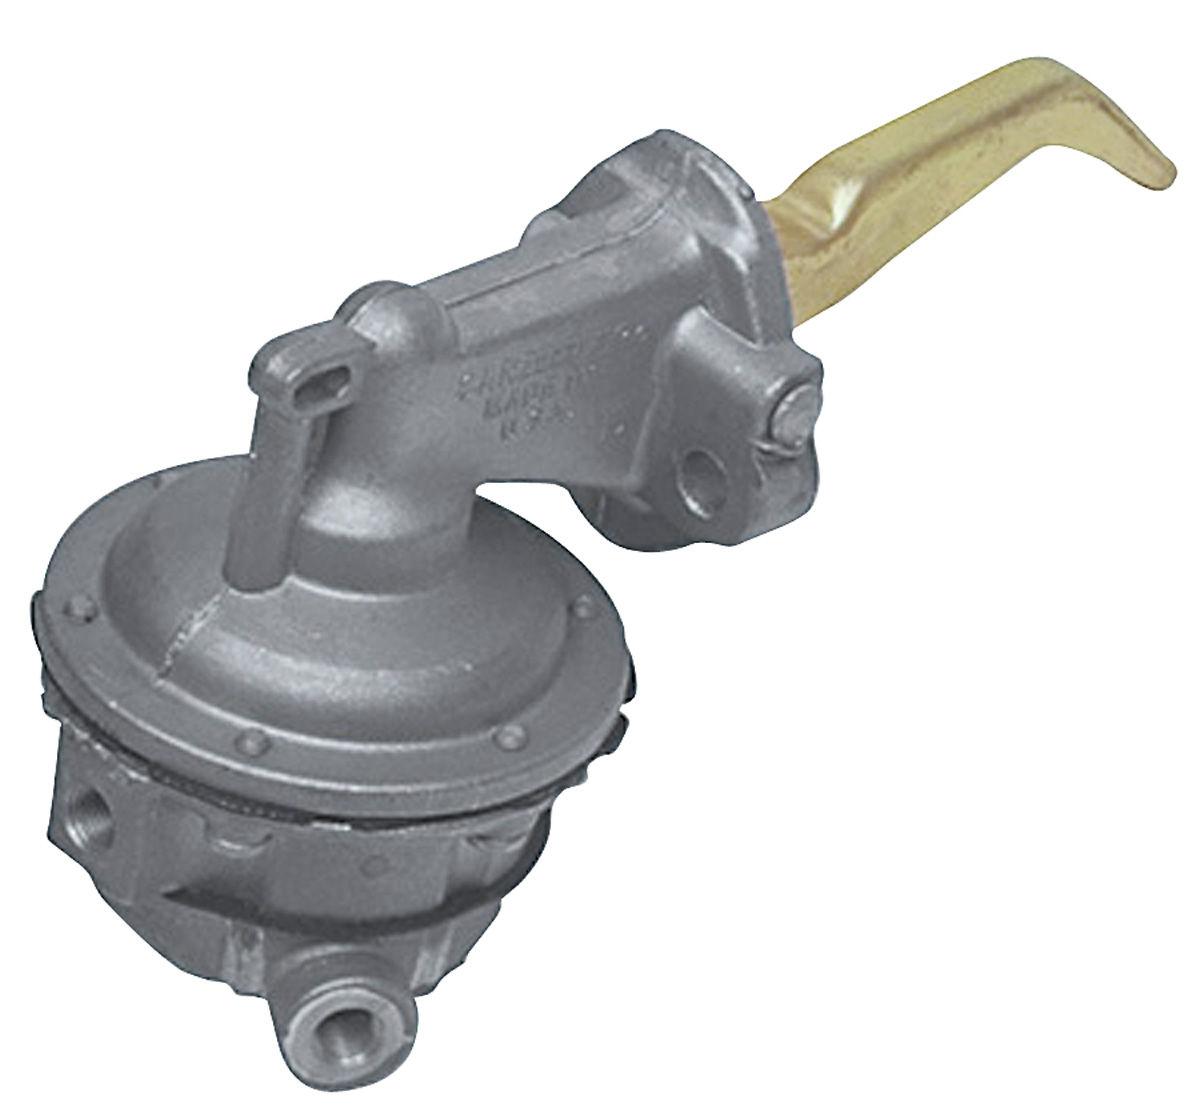 Fuel Pump, 1954-56 Cadillac V8 331/365